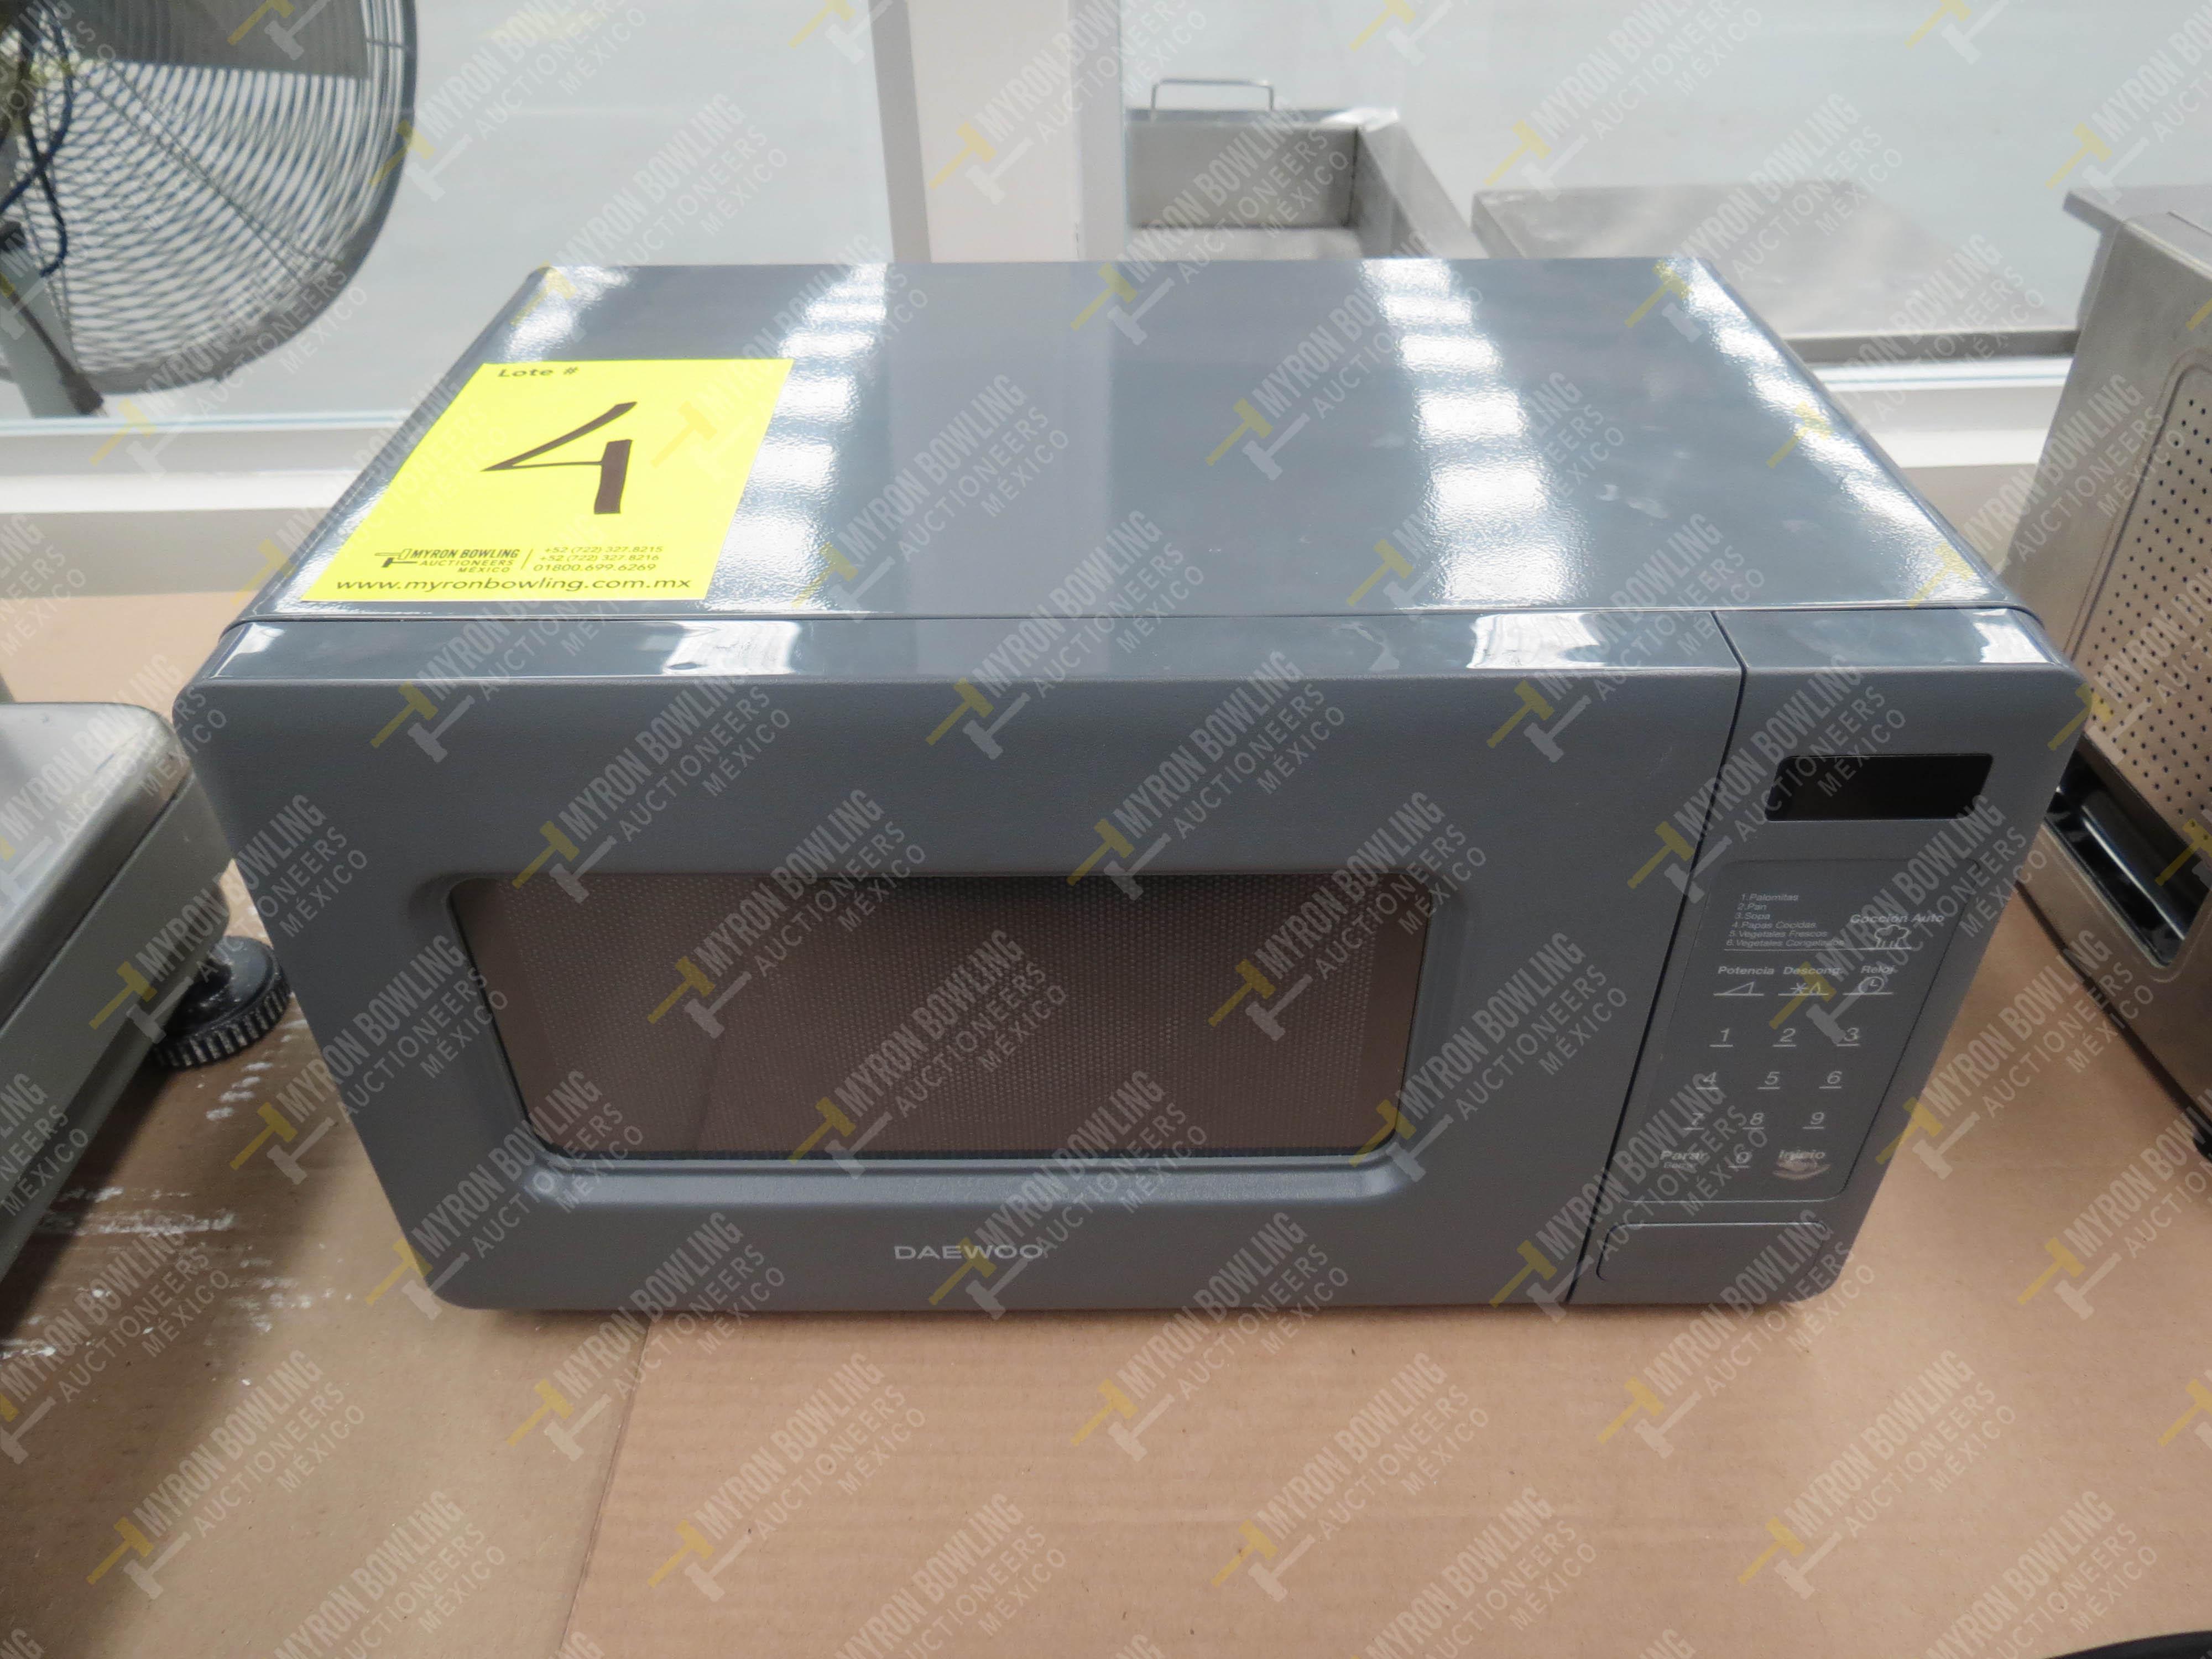 Horno de microondas marca Daewoo, Modelo K0R-667DG, No. de Serie 30850